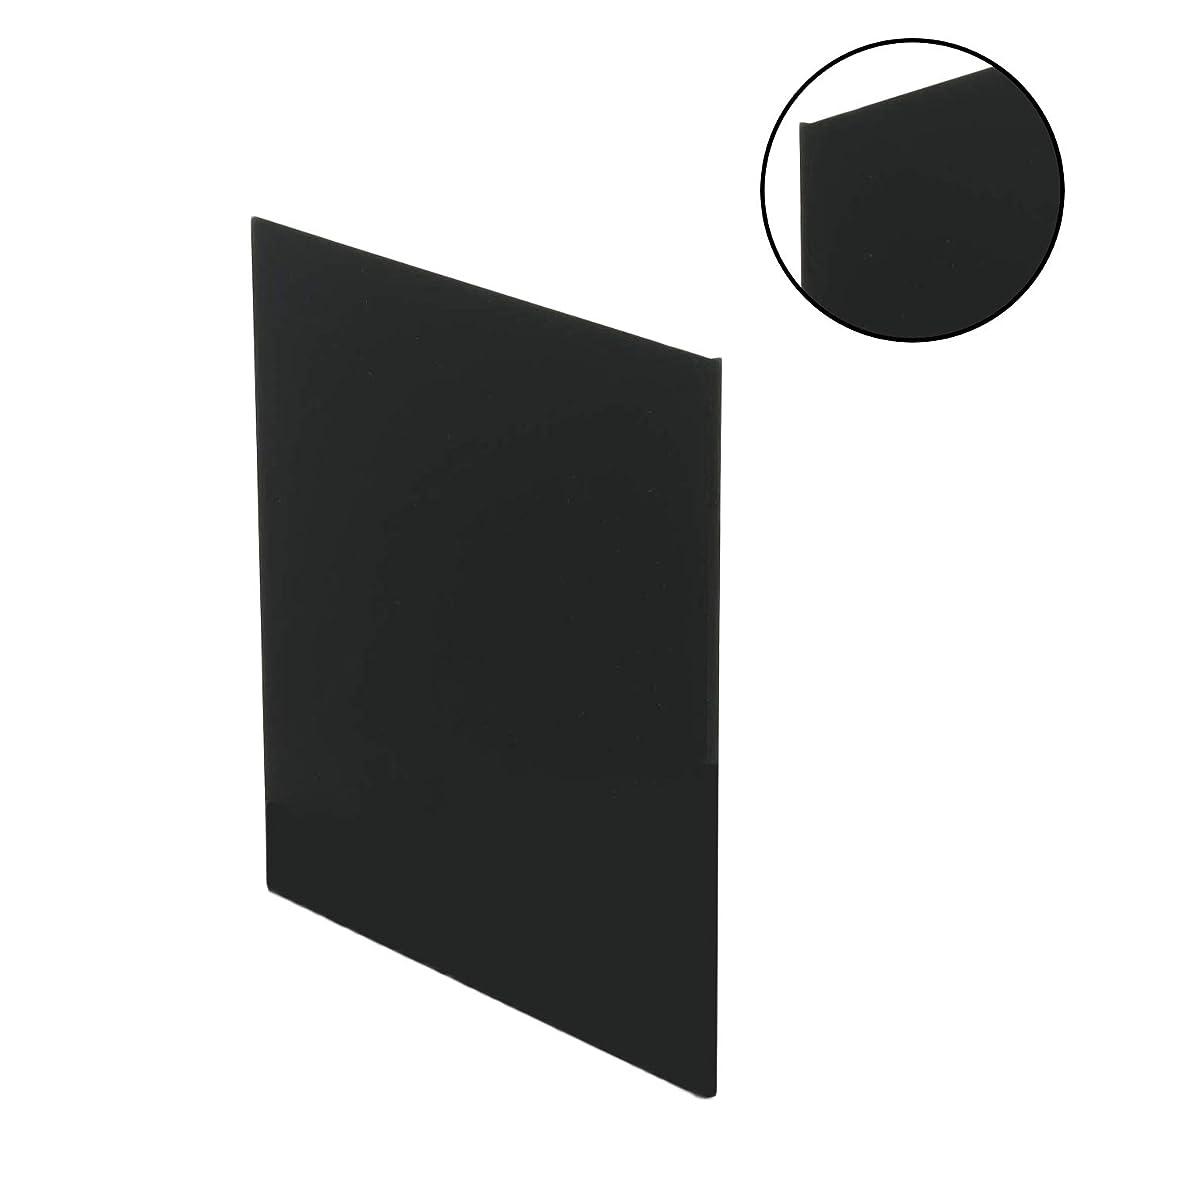 支給悪いご予約MHUIのアクリルシートの厚さ:2mmの黒の風防ガラスはDIYの小道具、20cm X 30cmを作るのに使用することができます,20cm x 40cm